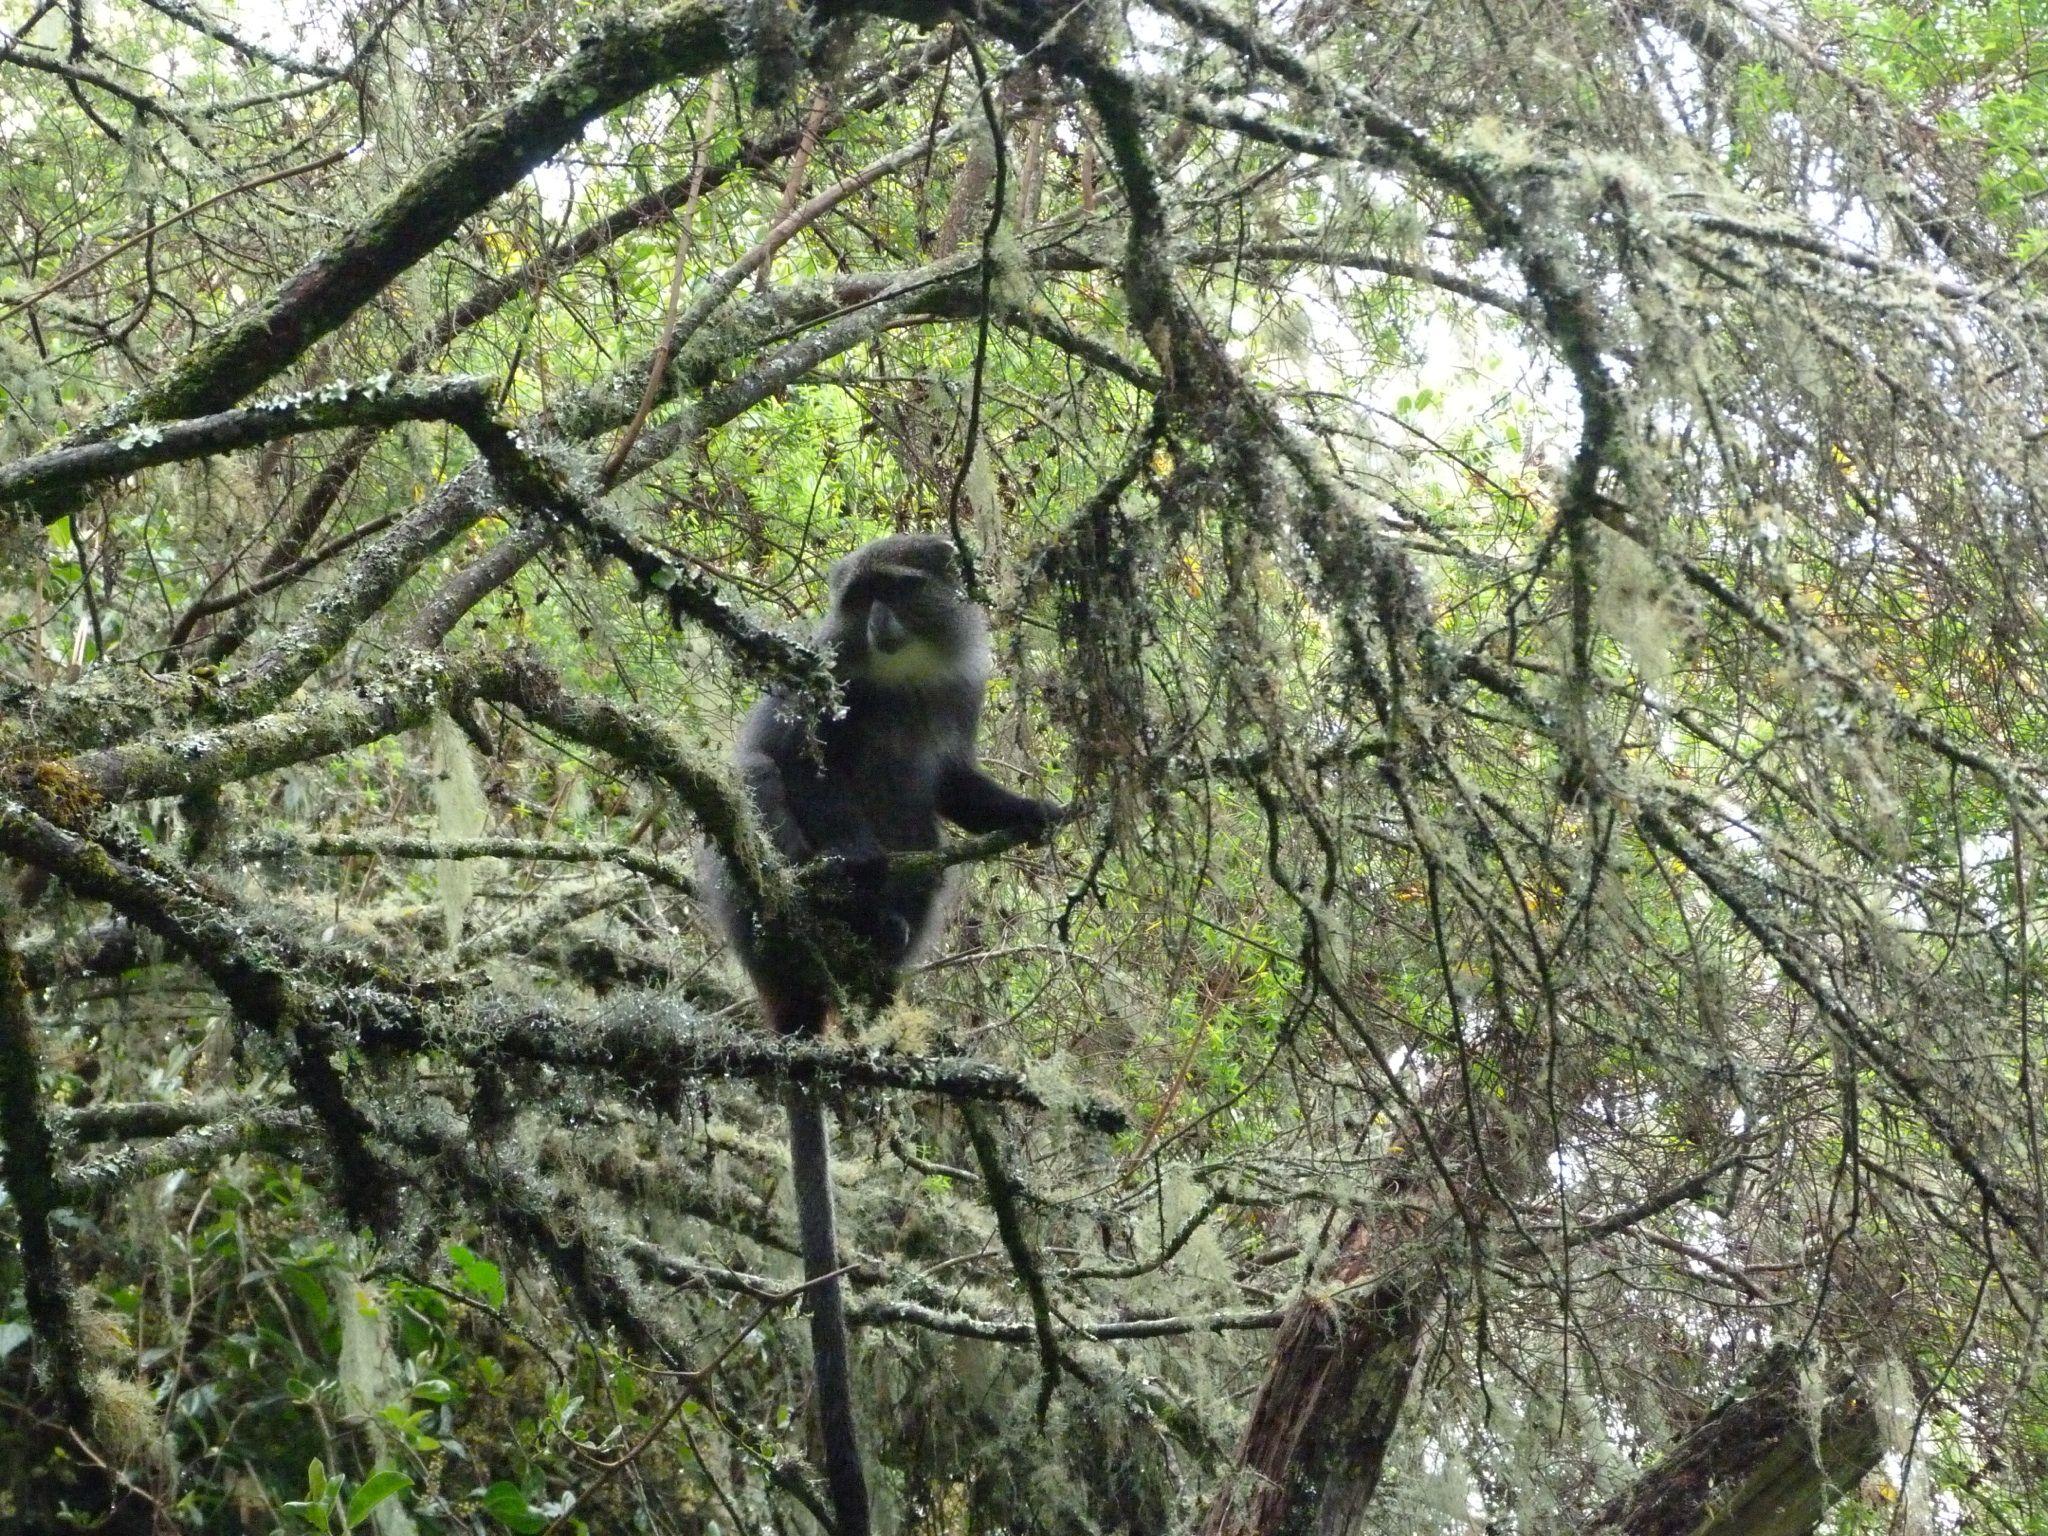 Blue monkey, Kilimanjaro Blue monkey, Kilimanjaro, Blue